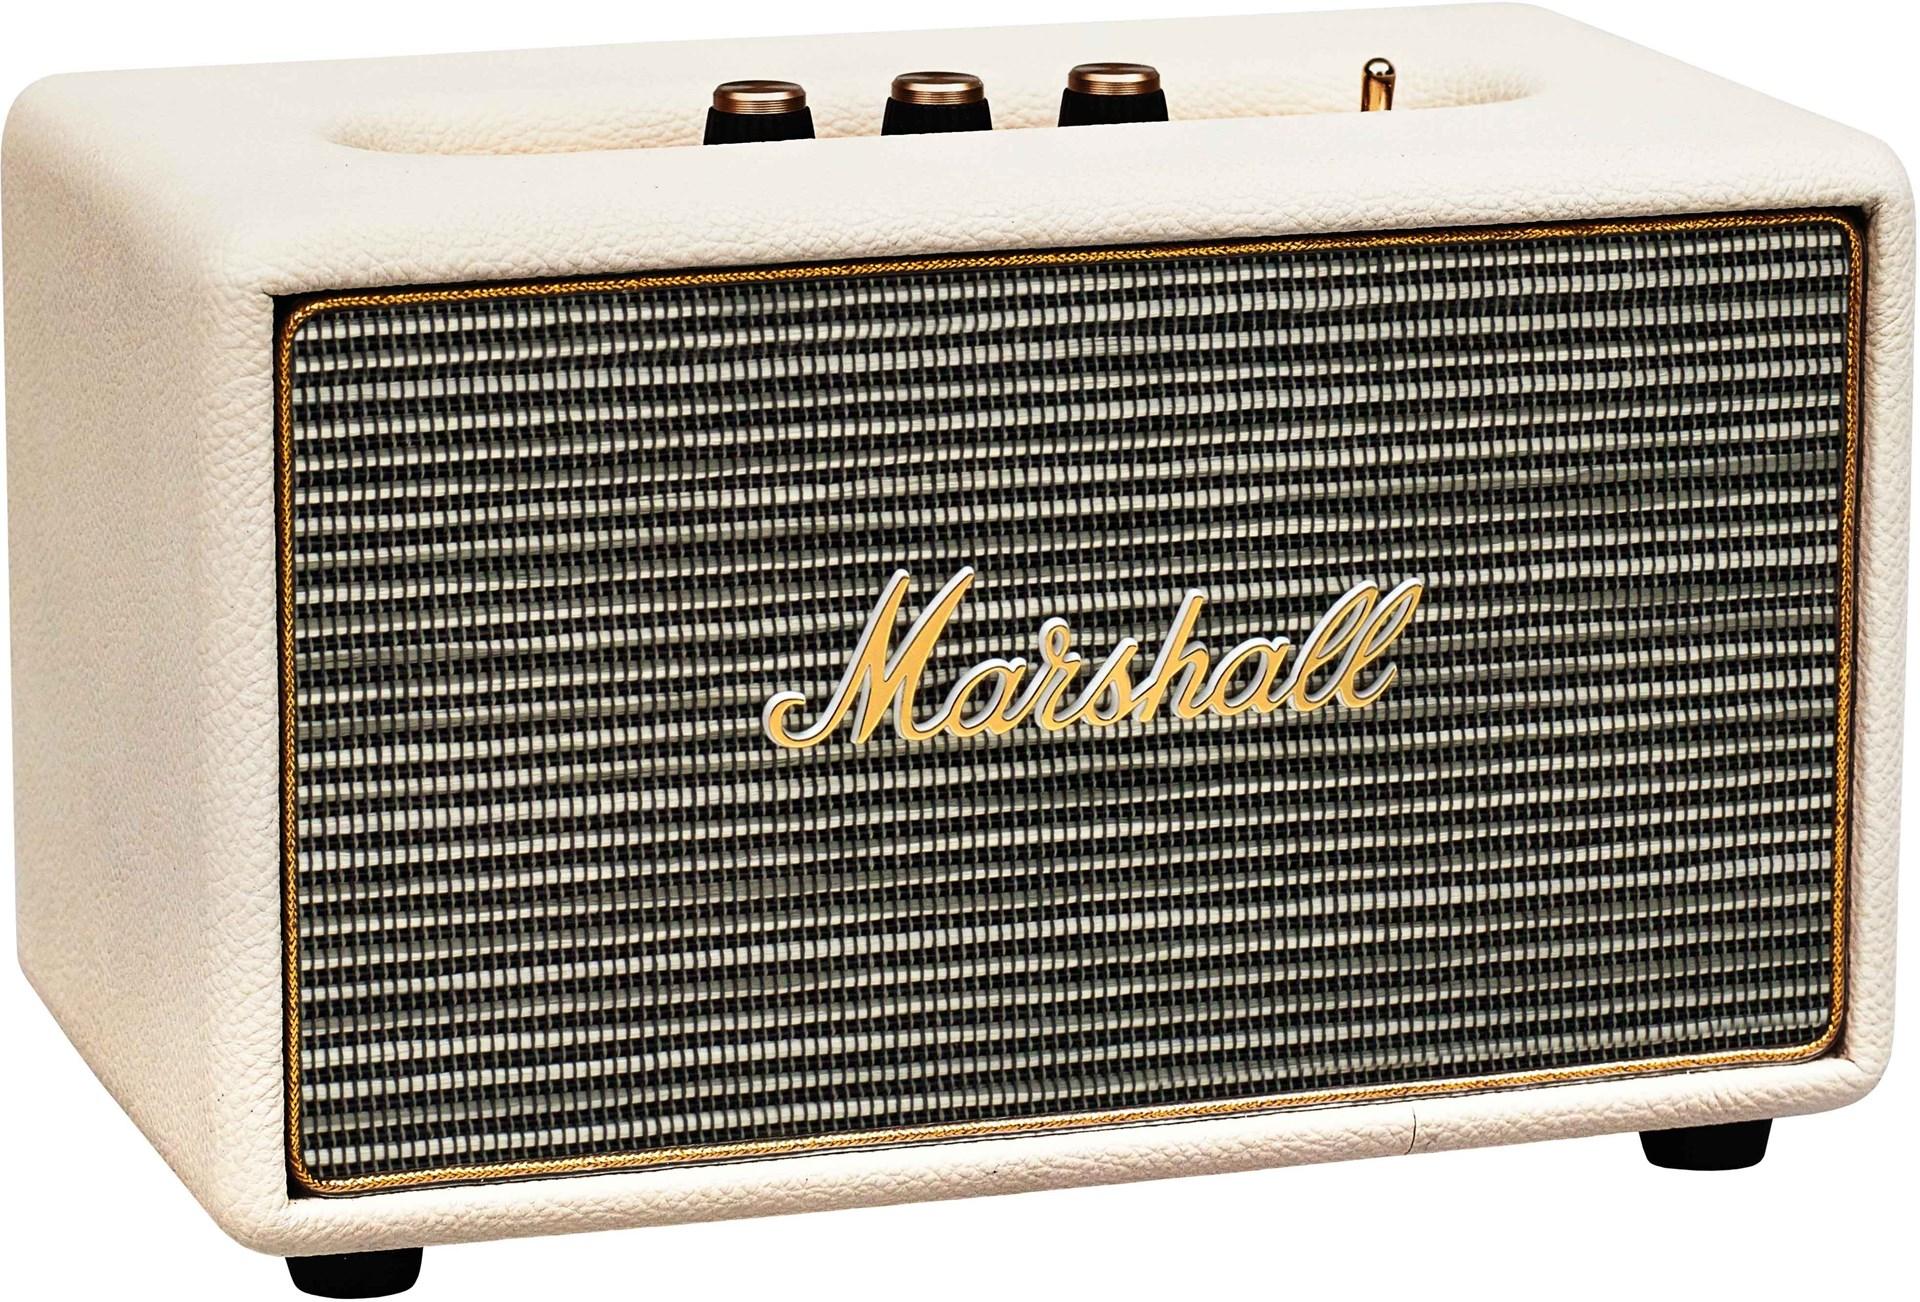 Marshall Acton BT - Cream - Tuff högtalare med Bluetooth 19bc649cbcb50